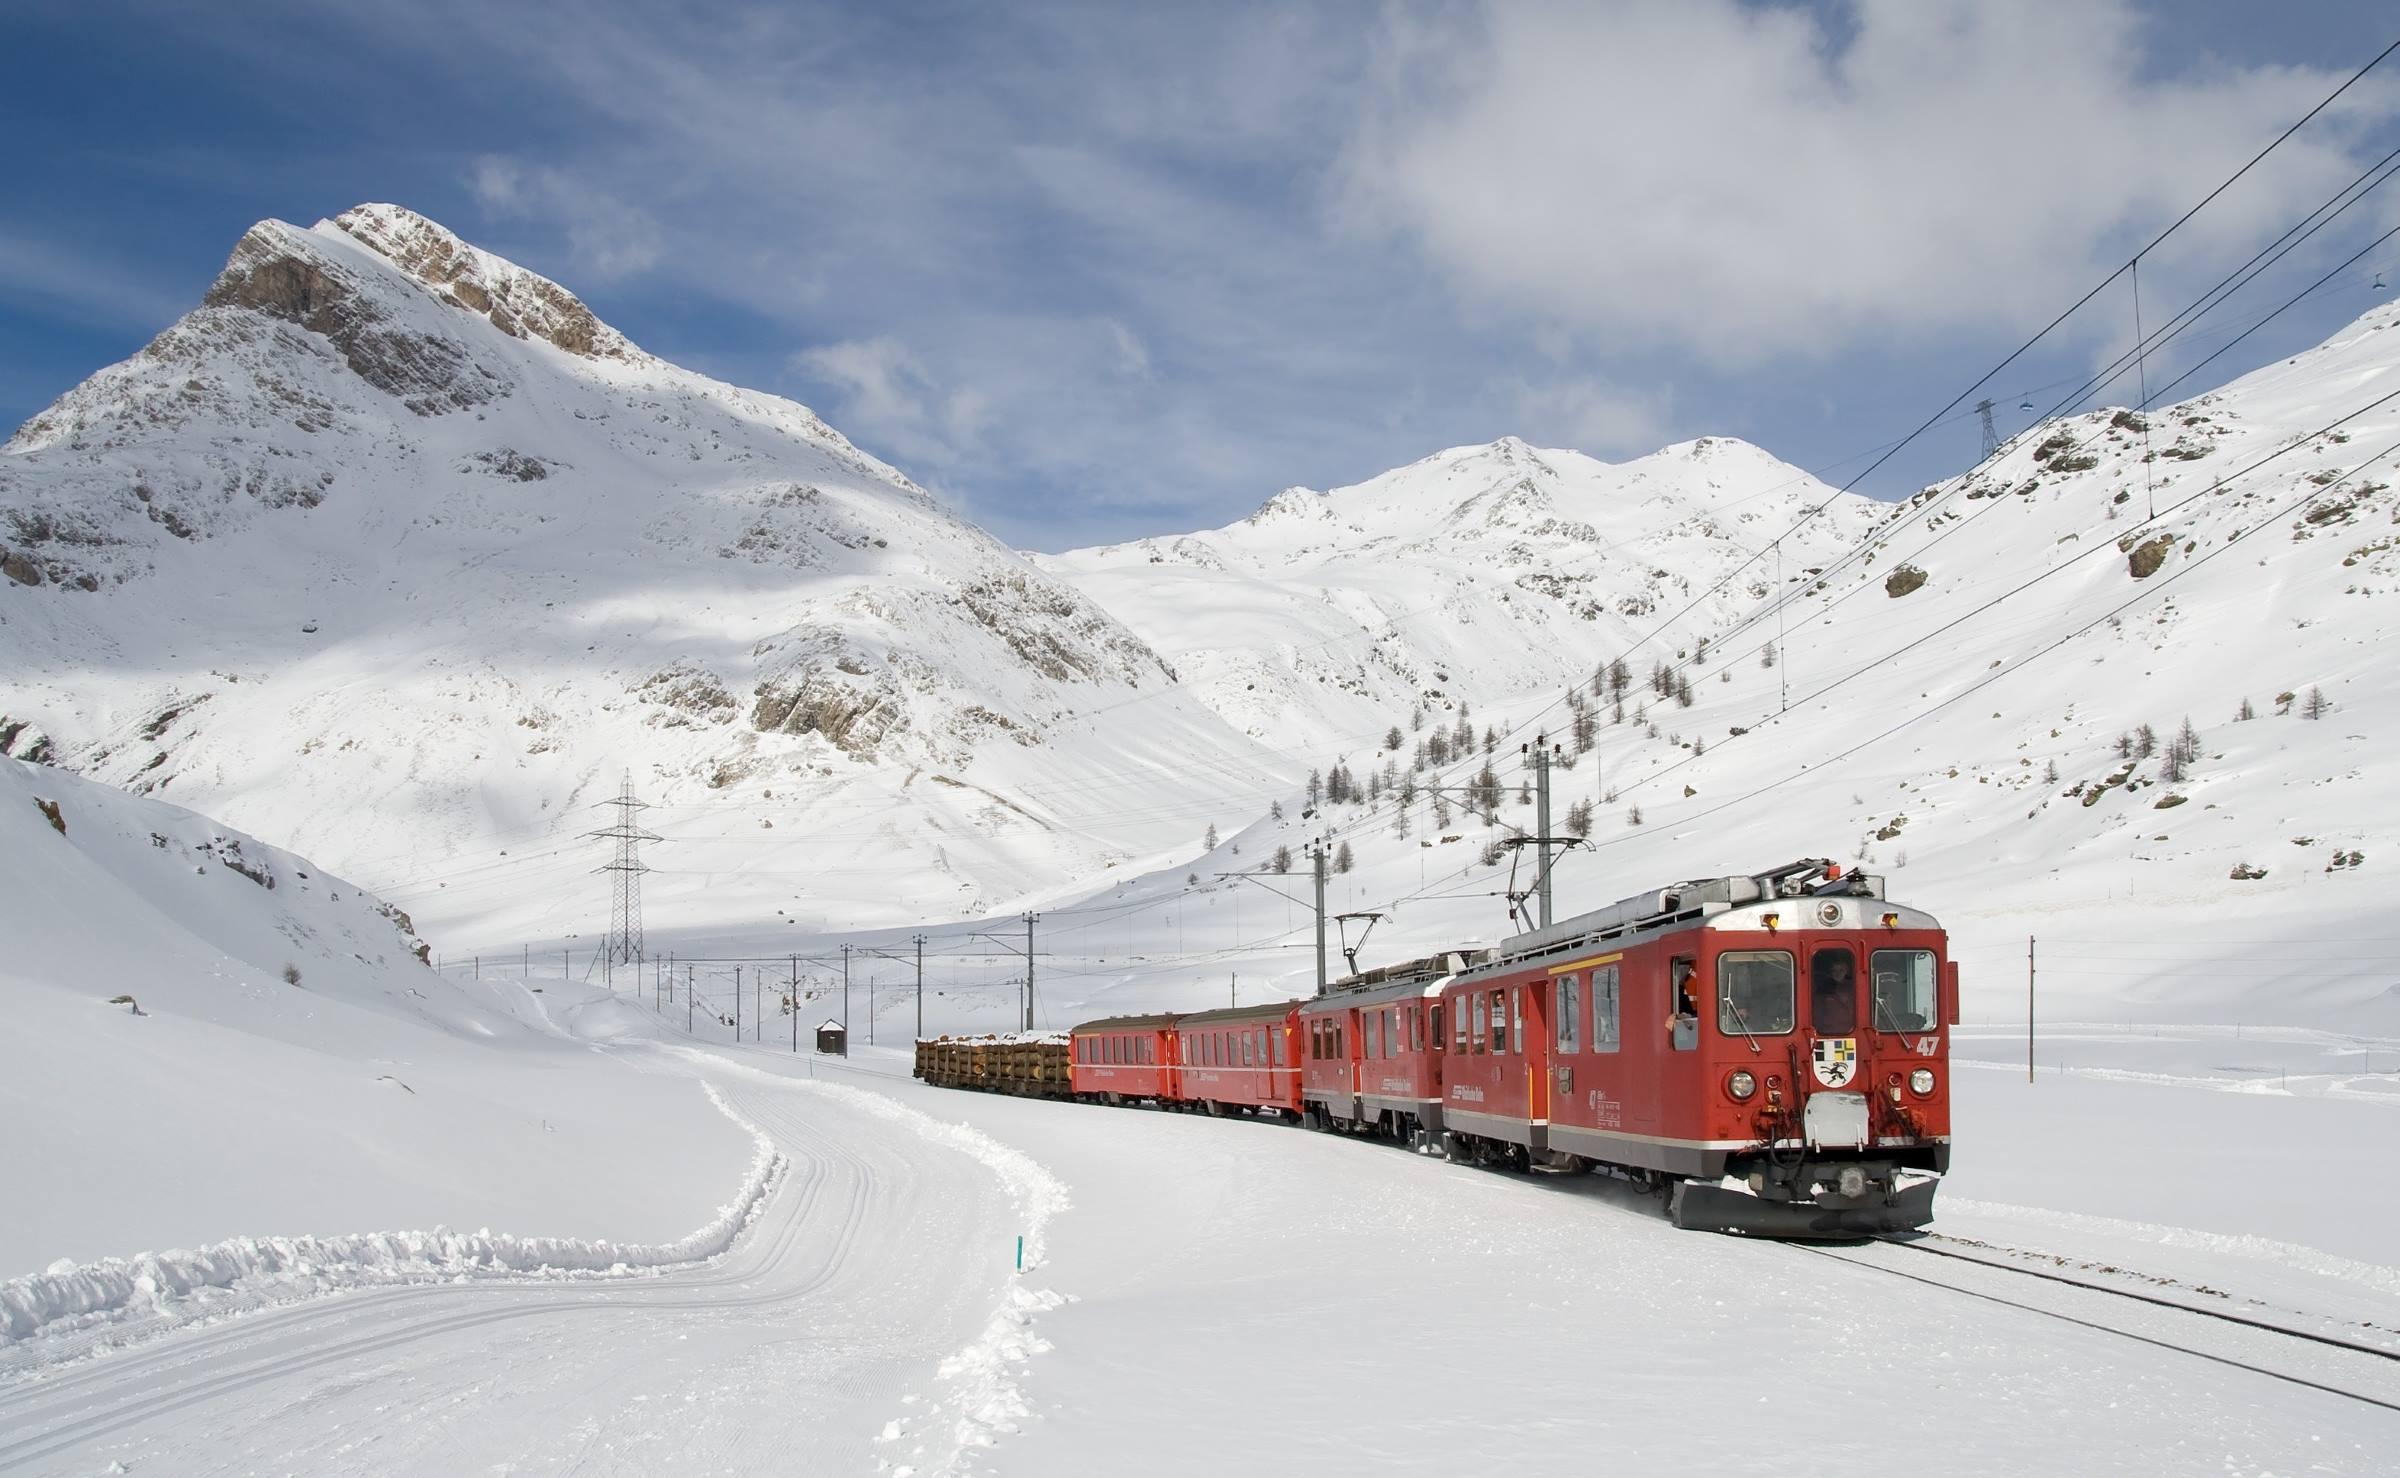 winter train snow mountains